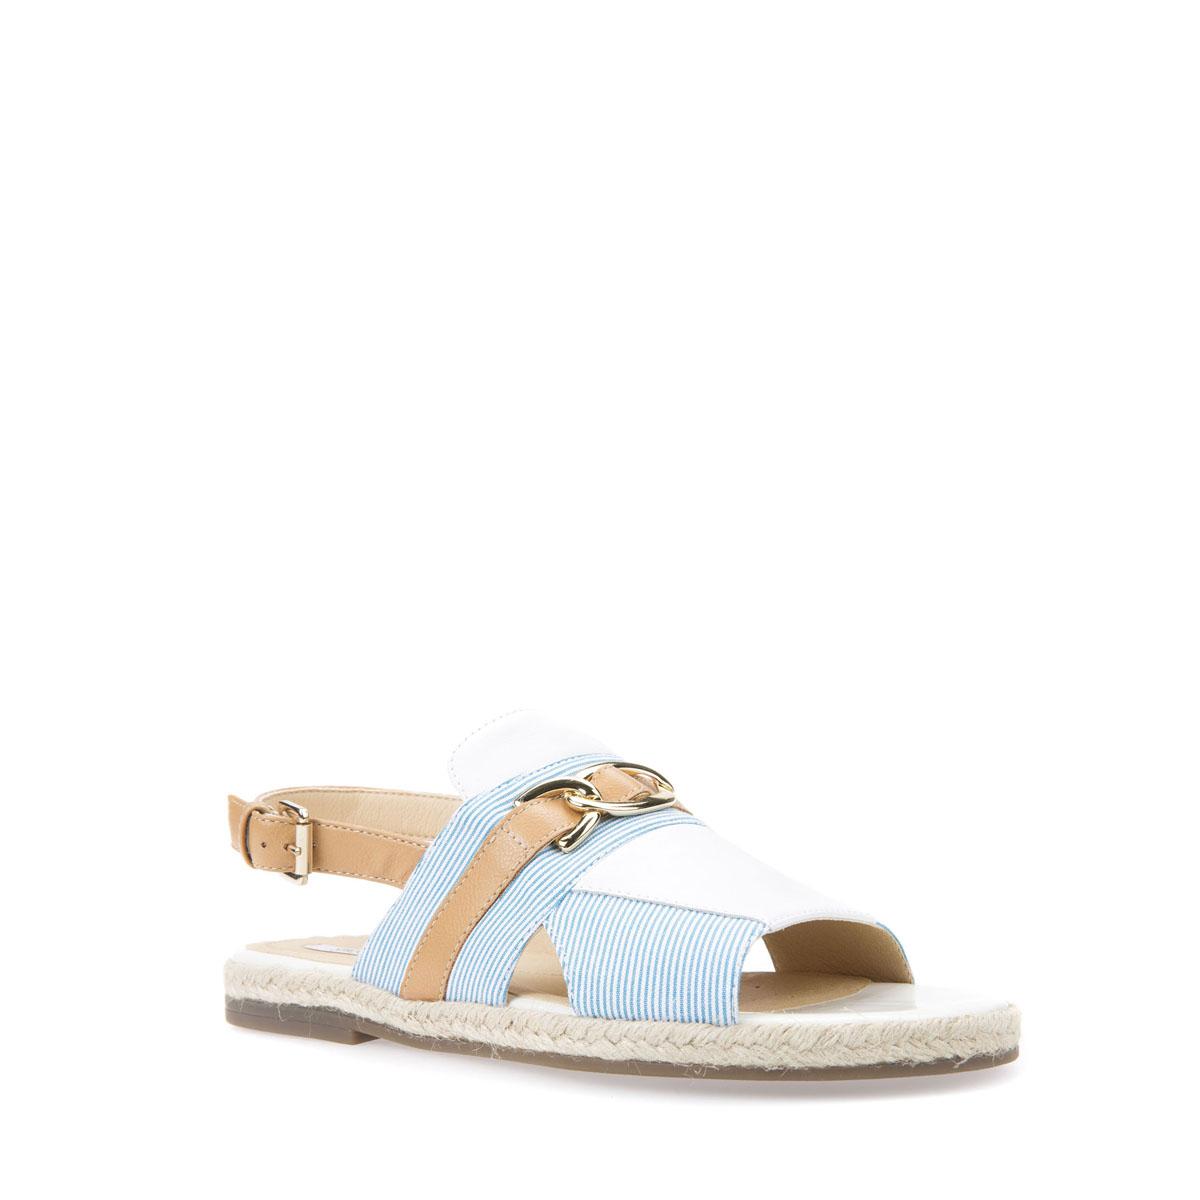 Catalogo sandali con tacco Geox estate 2018 Sandalo basso Geox estate 2018 modello Kolleen - Sandalo basso Geox estate 2018 modello Kolleen